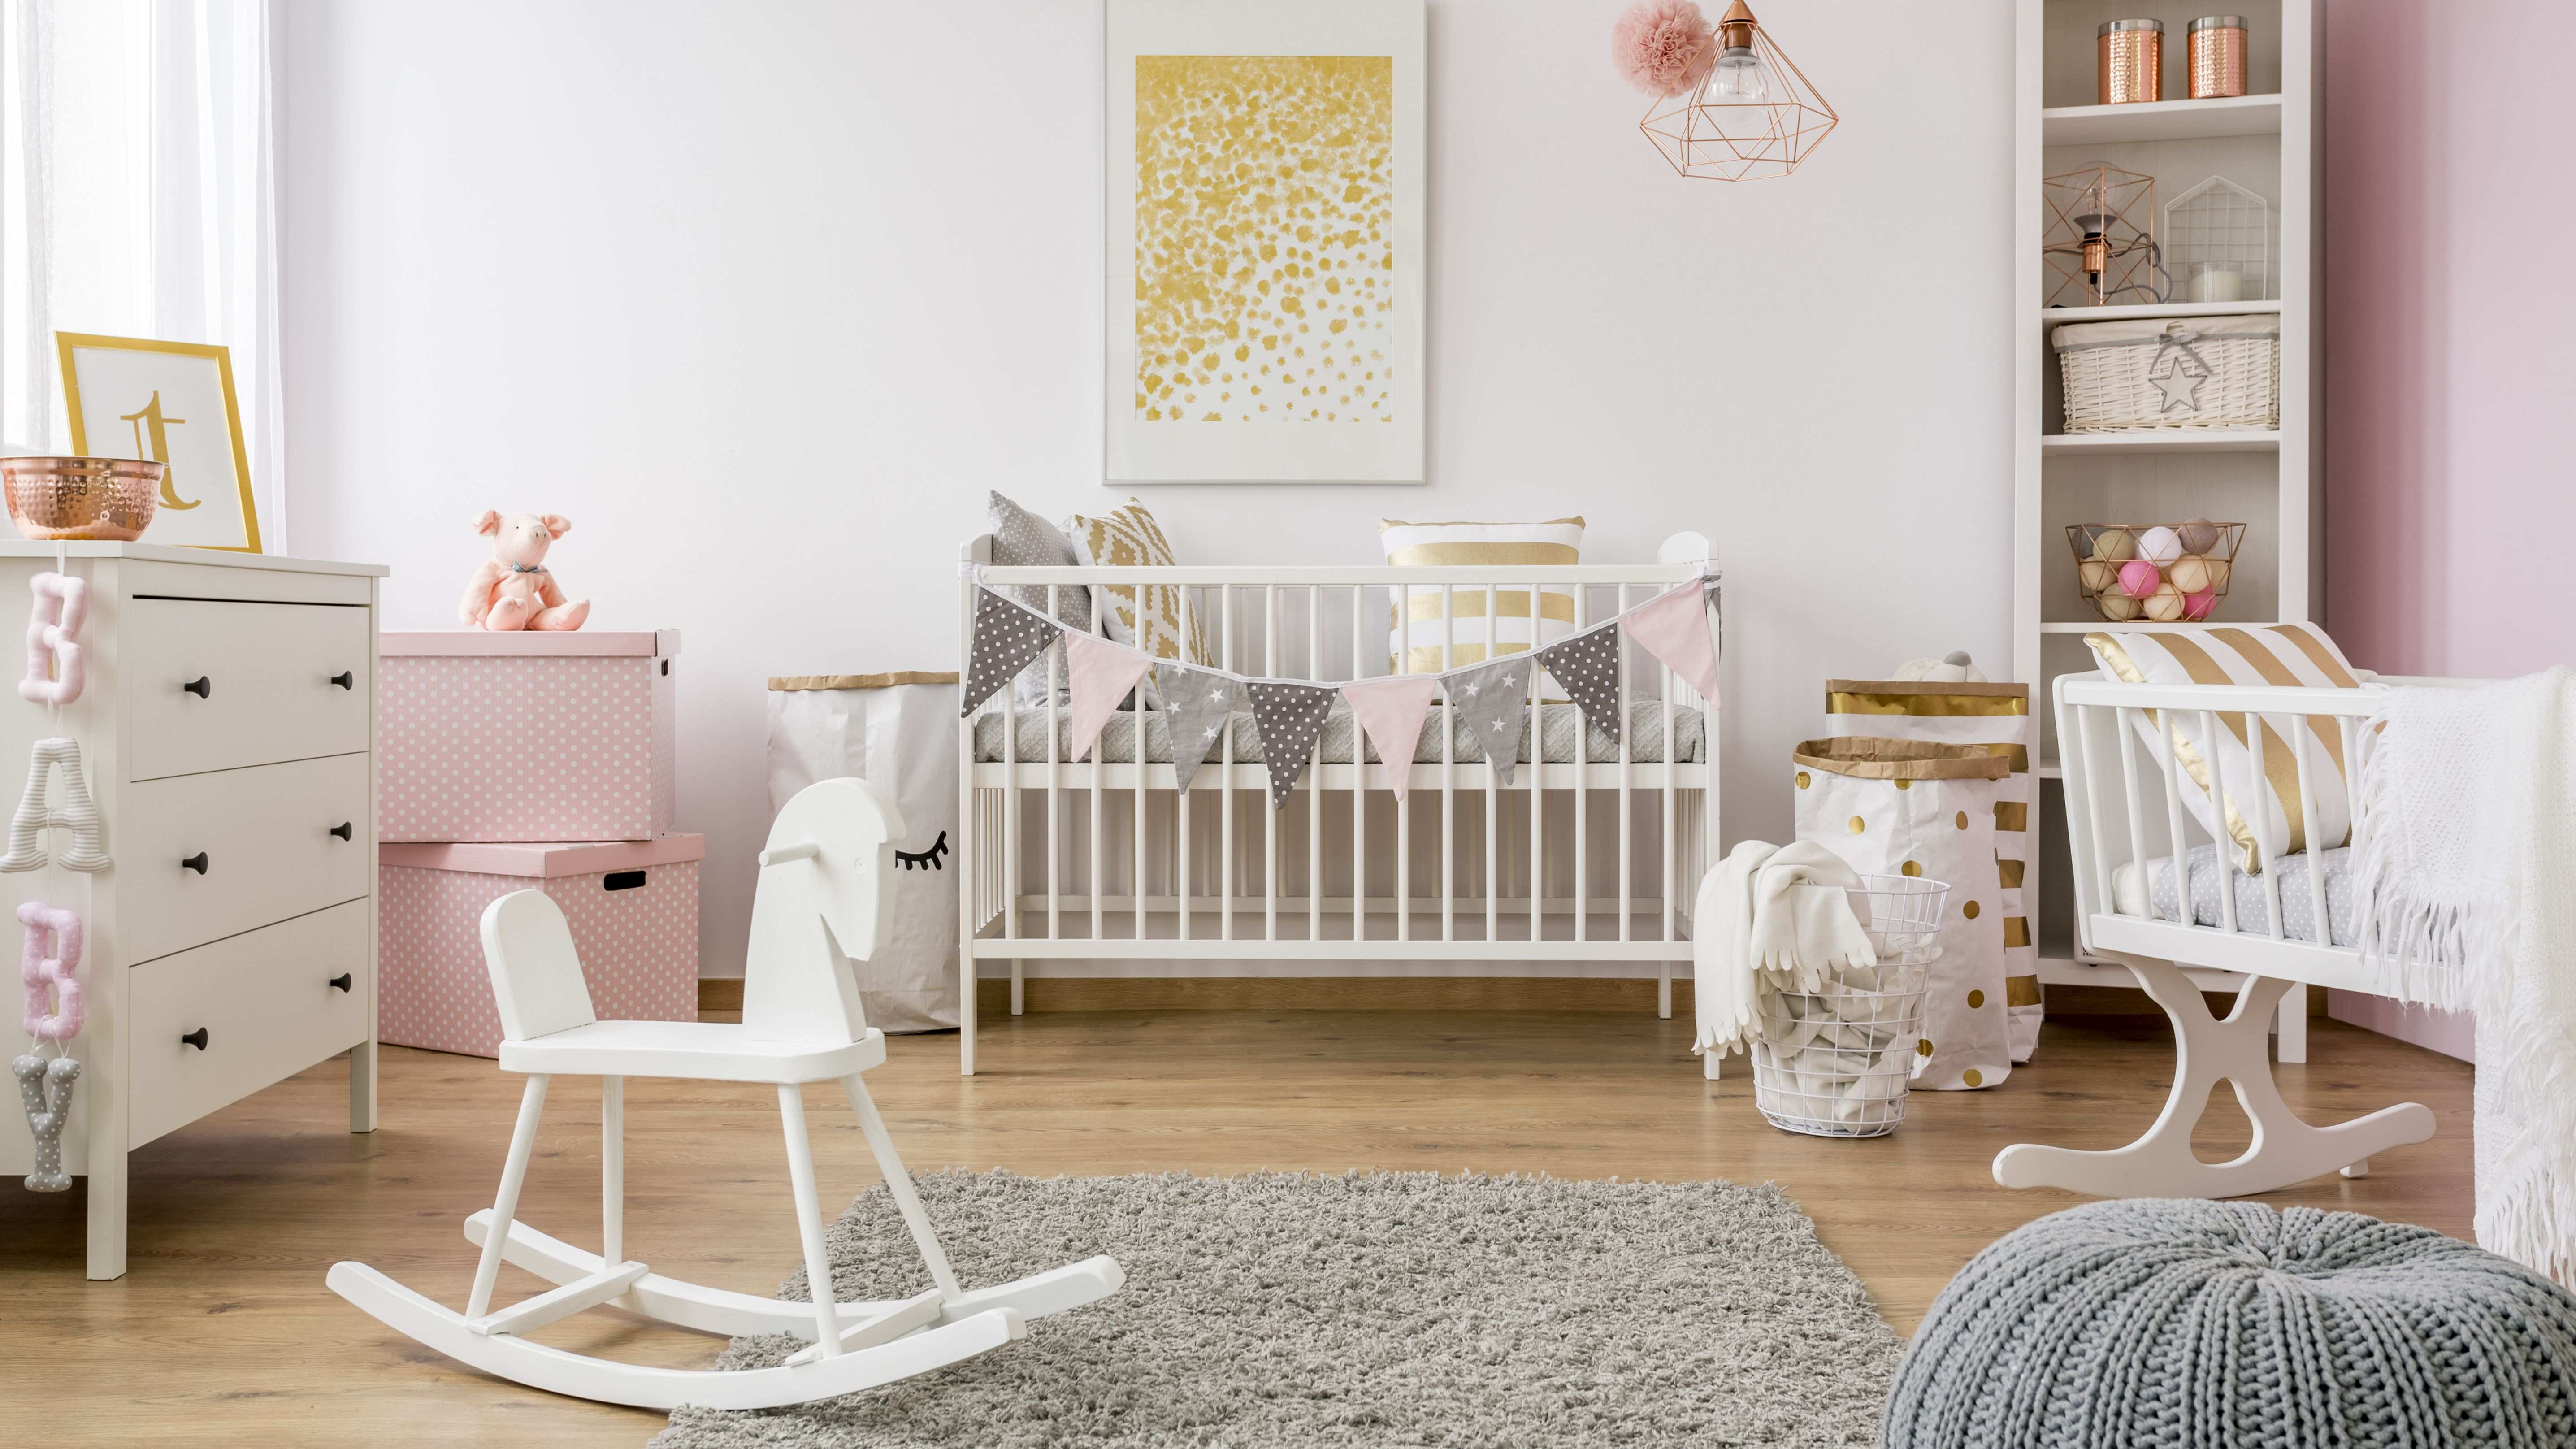 How to design a nursery